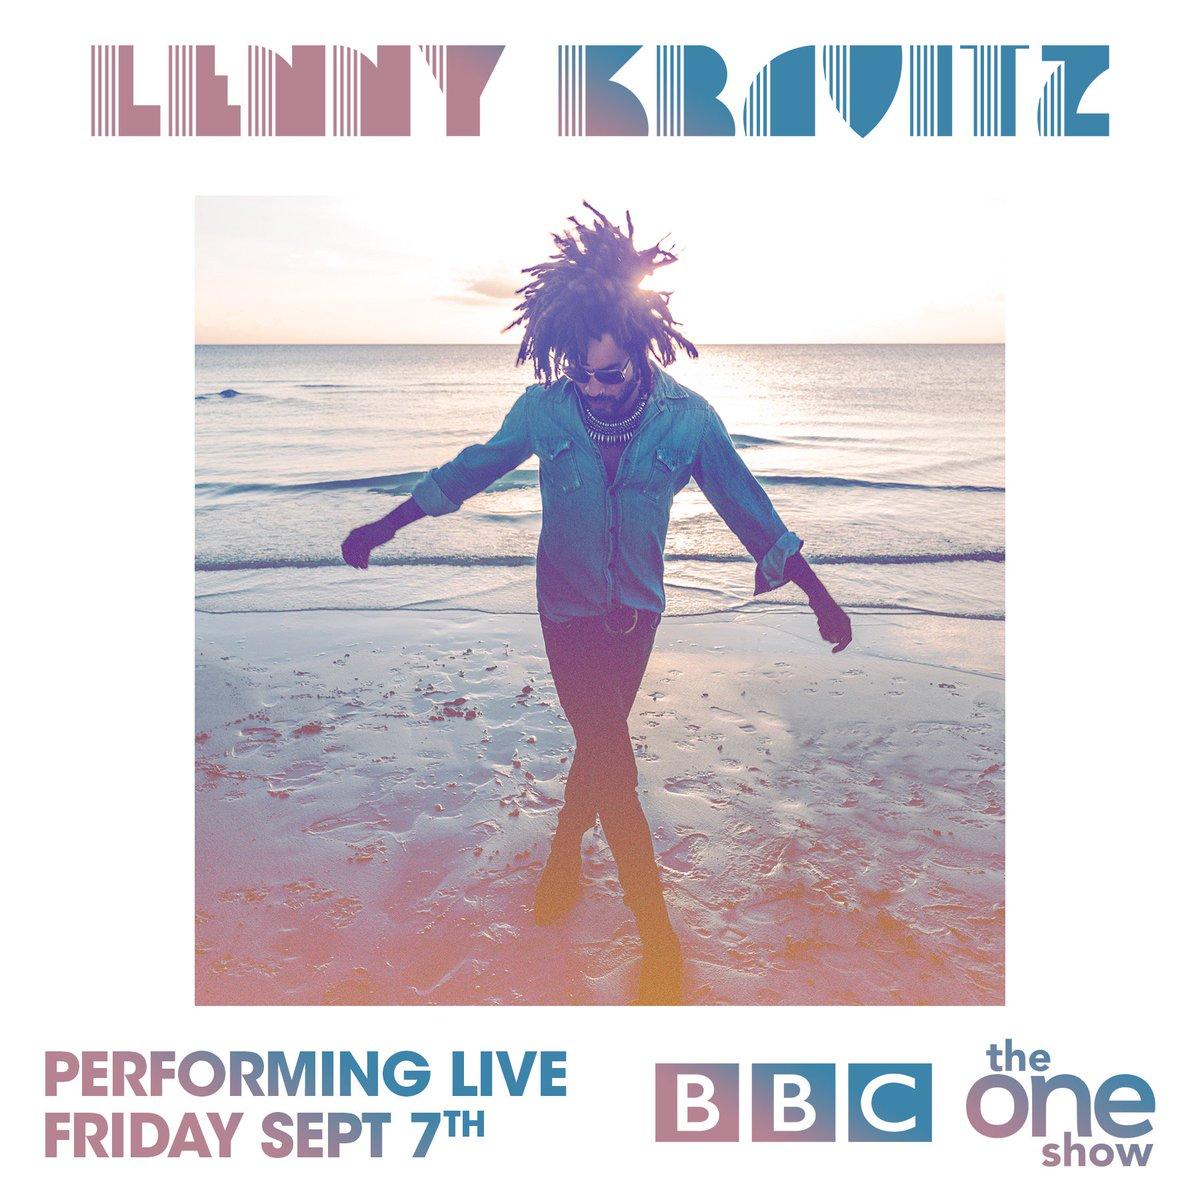 Don't miss Lenny perform '5 More Days 'Til Summer' live on @BBCTheOneShow! - Team LK https://t.co/hqUjLTBJJj